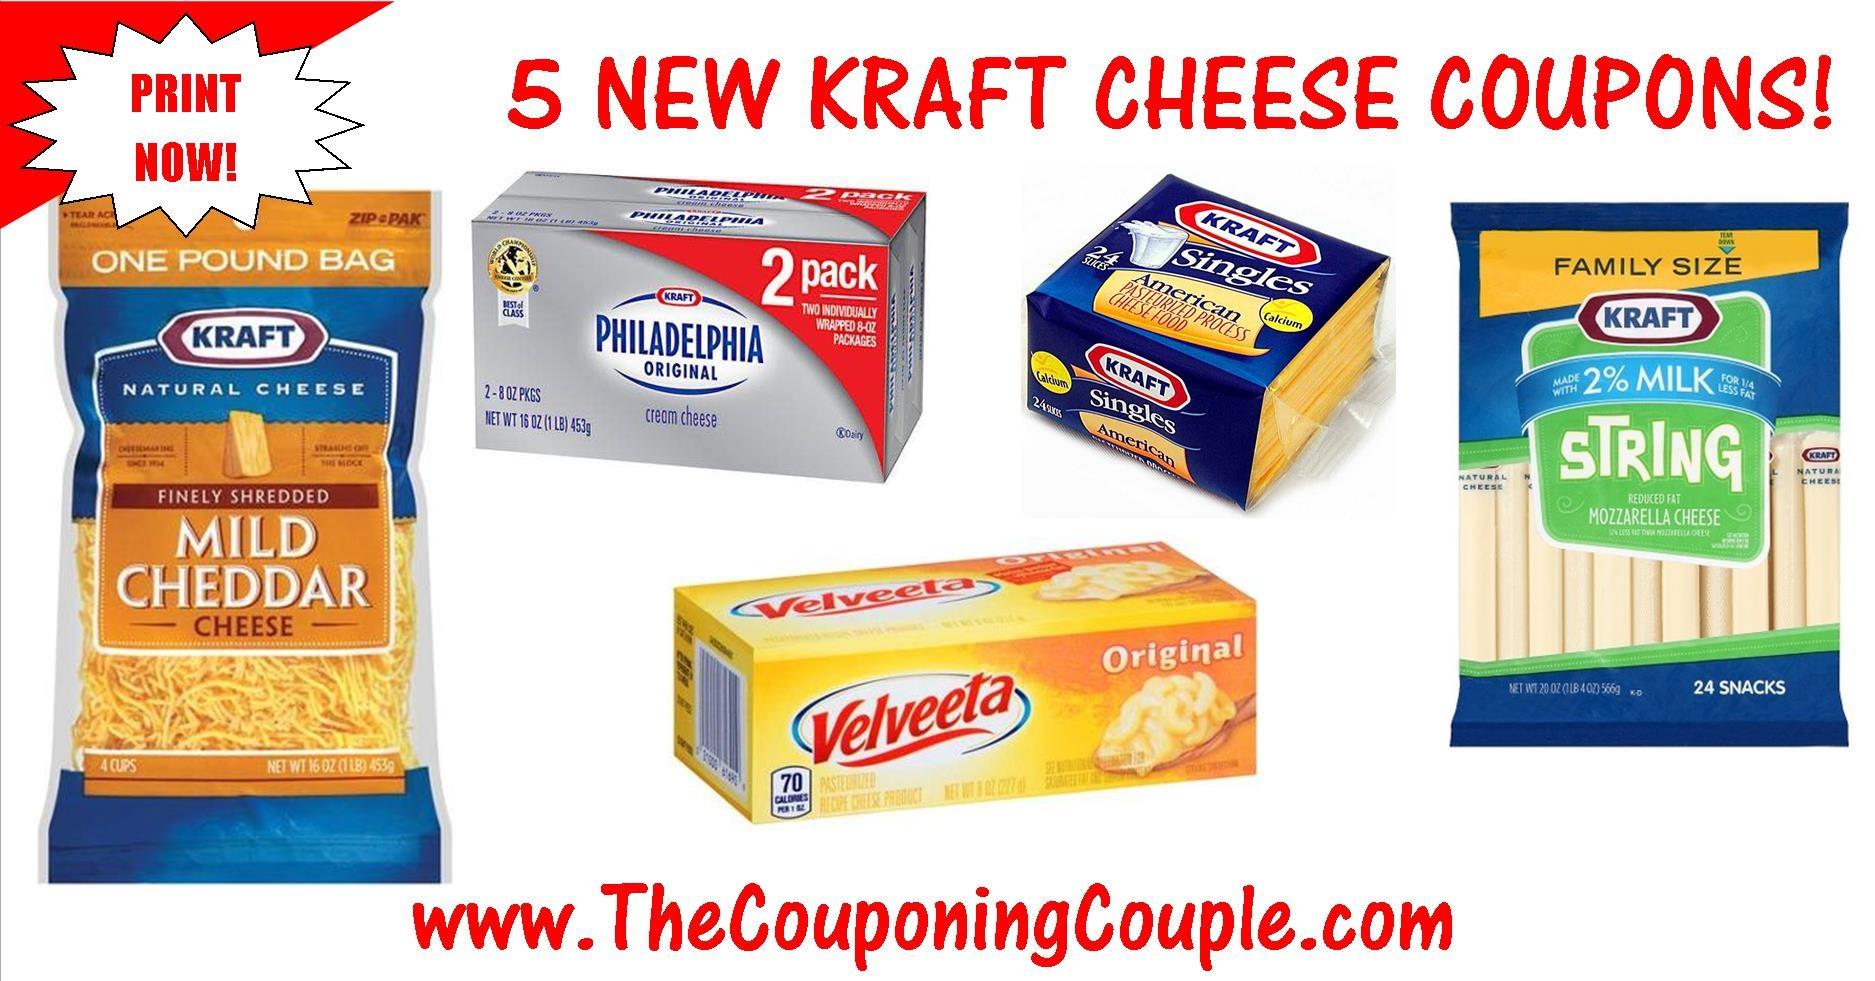 5 New Kraft Cheese Printable Coupons ~ Print Now! - Free Printable Kraft Food Coupons